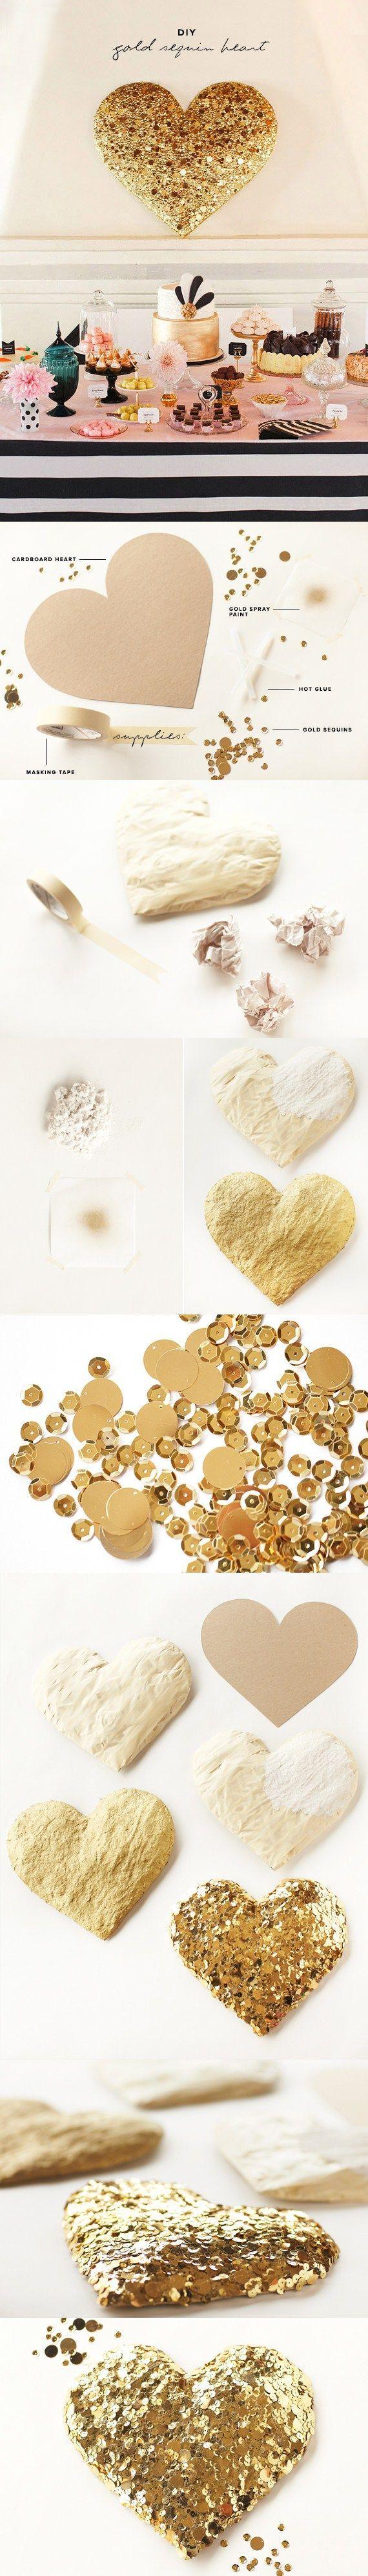 DIY Wedding Ideas – 5 Simple and Fun Glitter DIY Crafts…